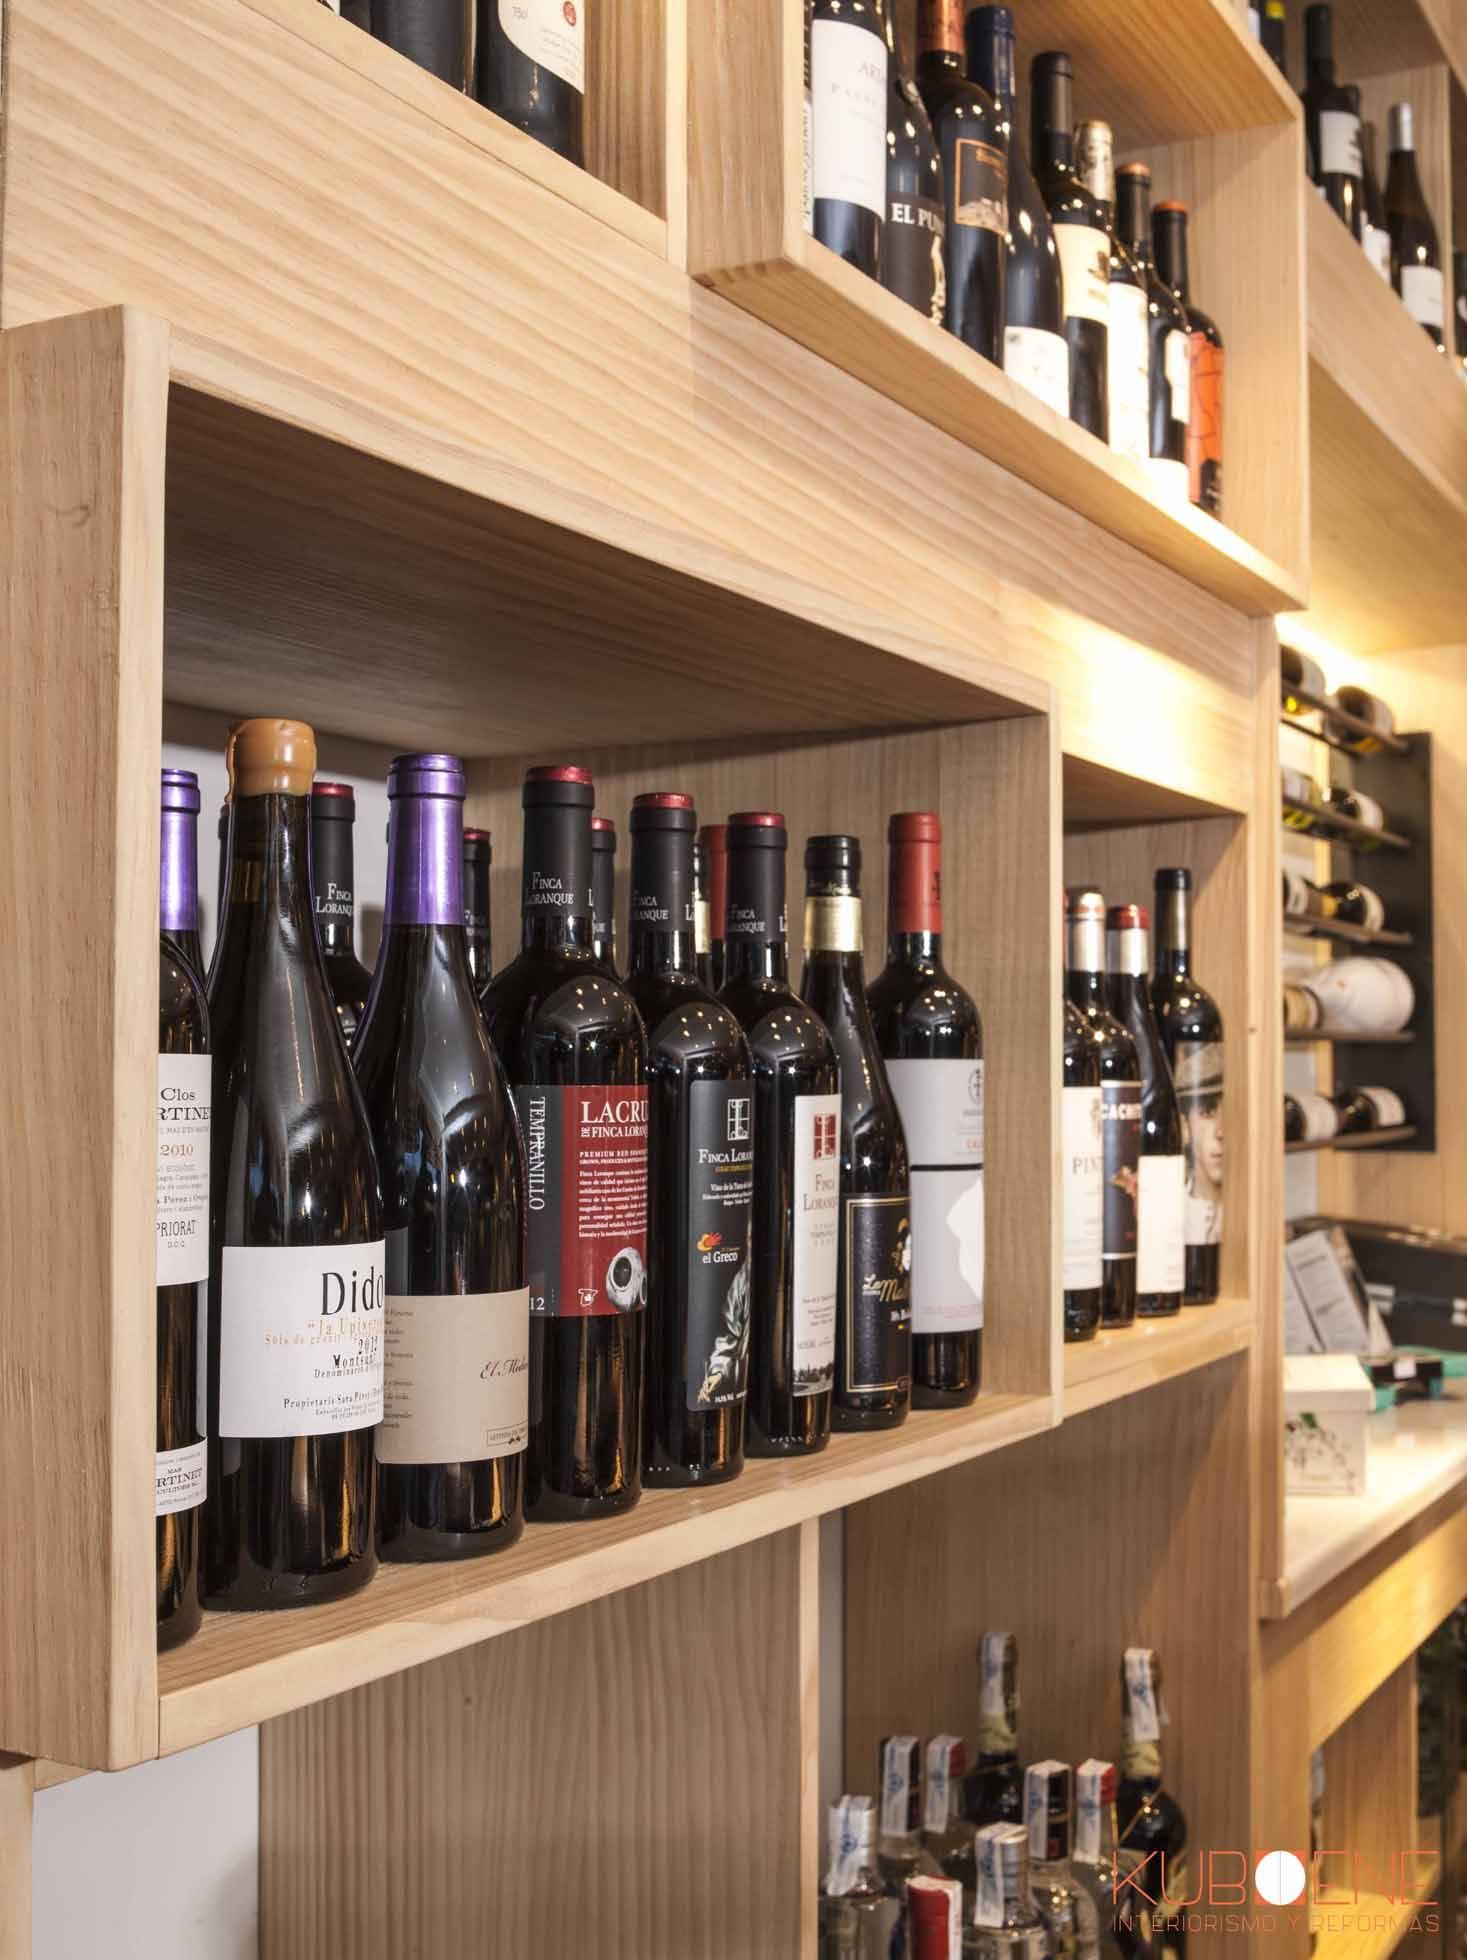 Lineal De Vinos Para Tienda Gourmet Abarrotes Dise O Kuboene  # Muebles Para Tienda Gourmet